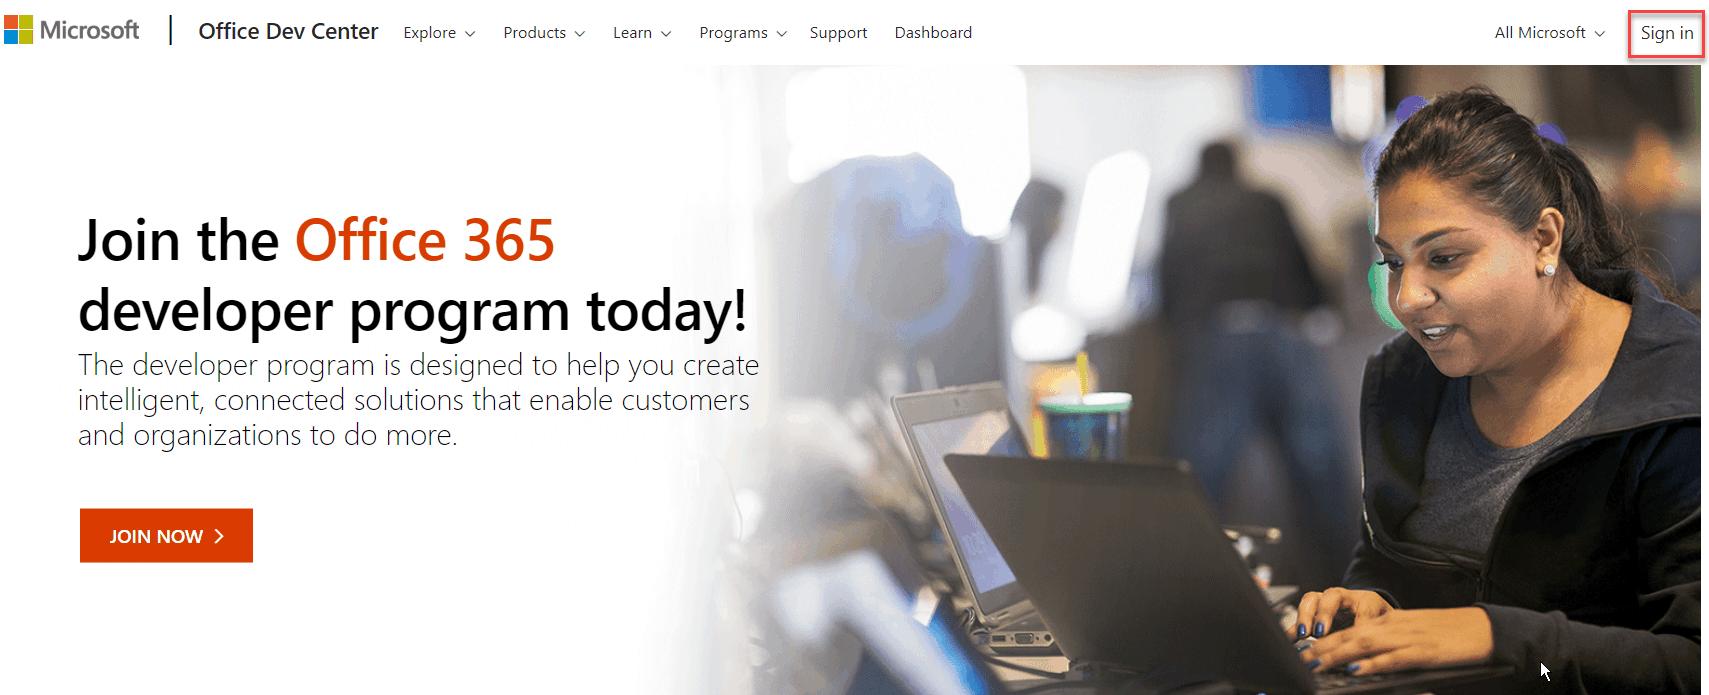 office 365 developer program